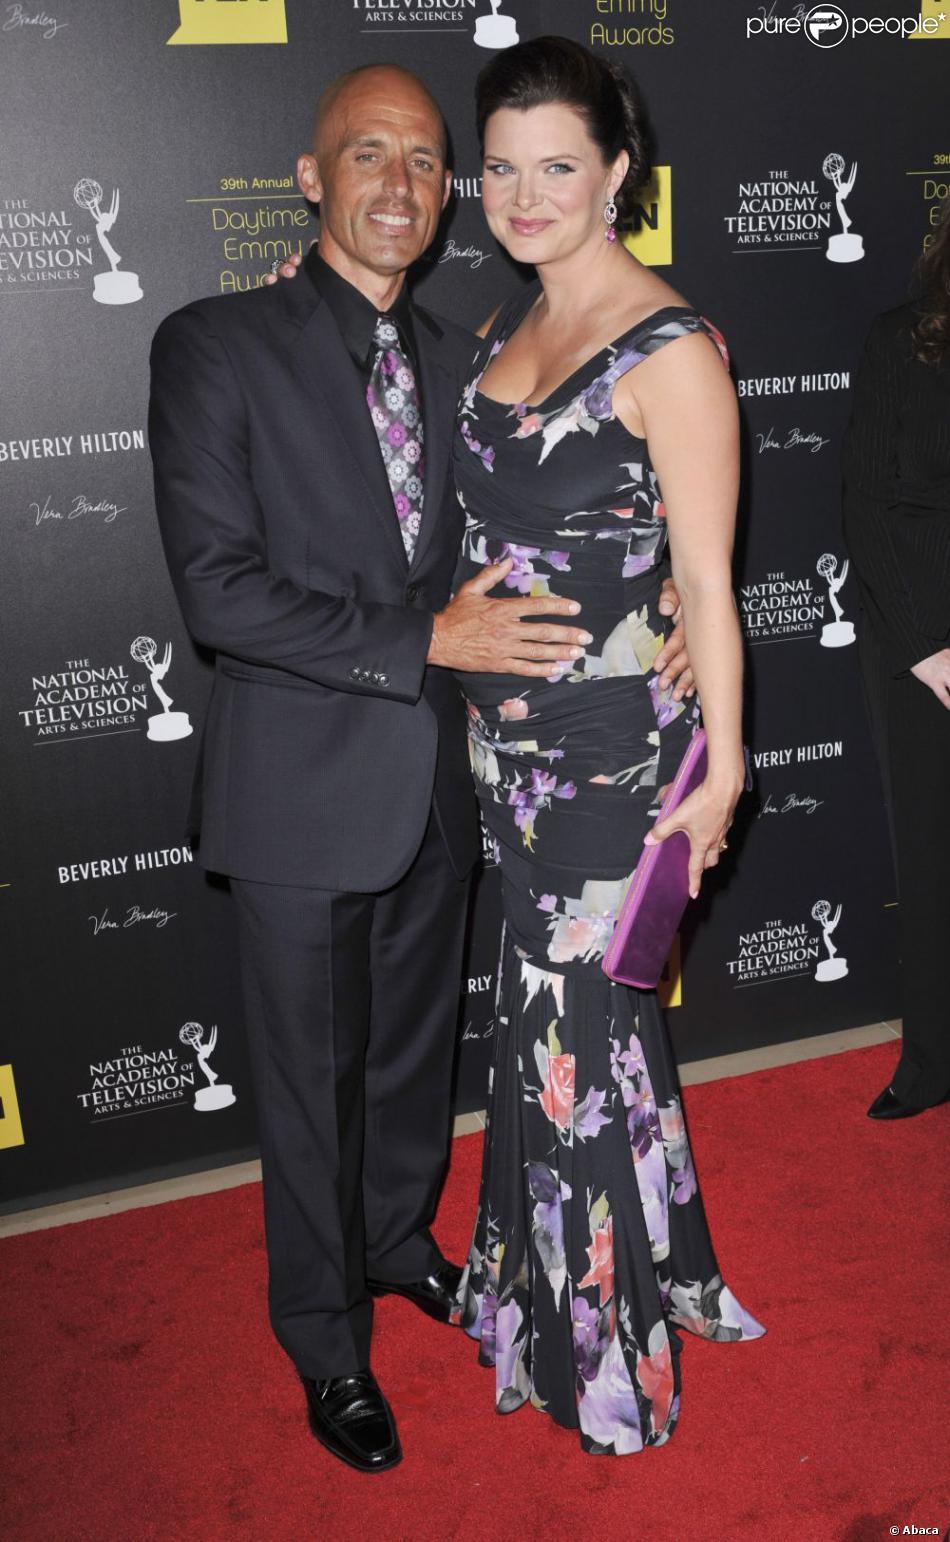 Heather Tom enceinte avec son mari James Achor en juin 2012 lors des Emmy Awards, où elle a été primée pour le Meilleur rôle dans une série dramatique grâce à son rôle de Katie Logan dans  Amour, gloire et beauté . Elle était enceinte de Zane, son premier enfant, qui naîtra le 28 octobre.